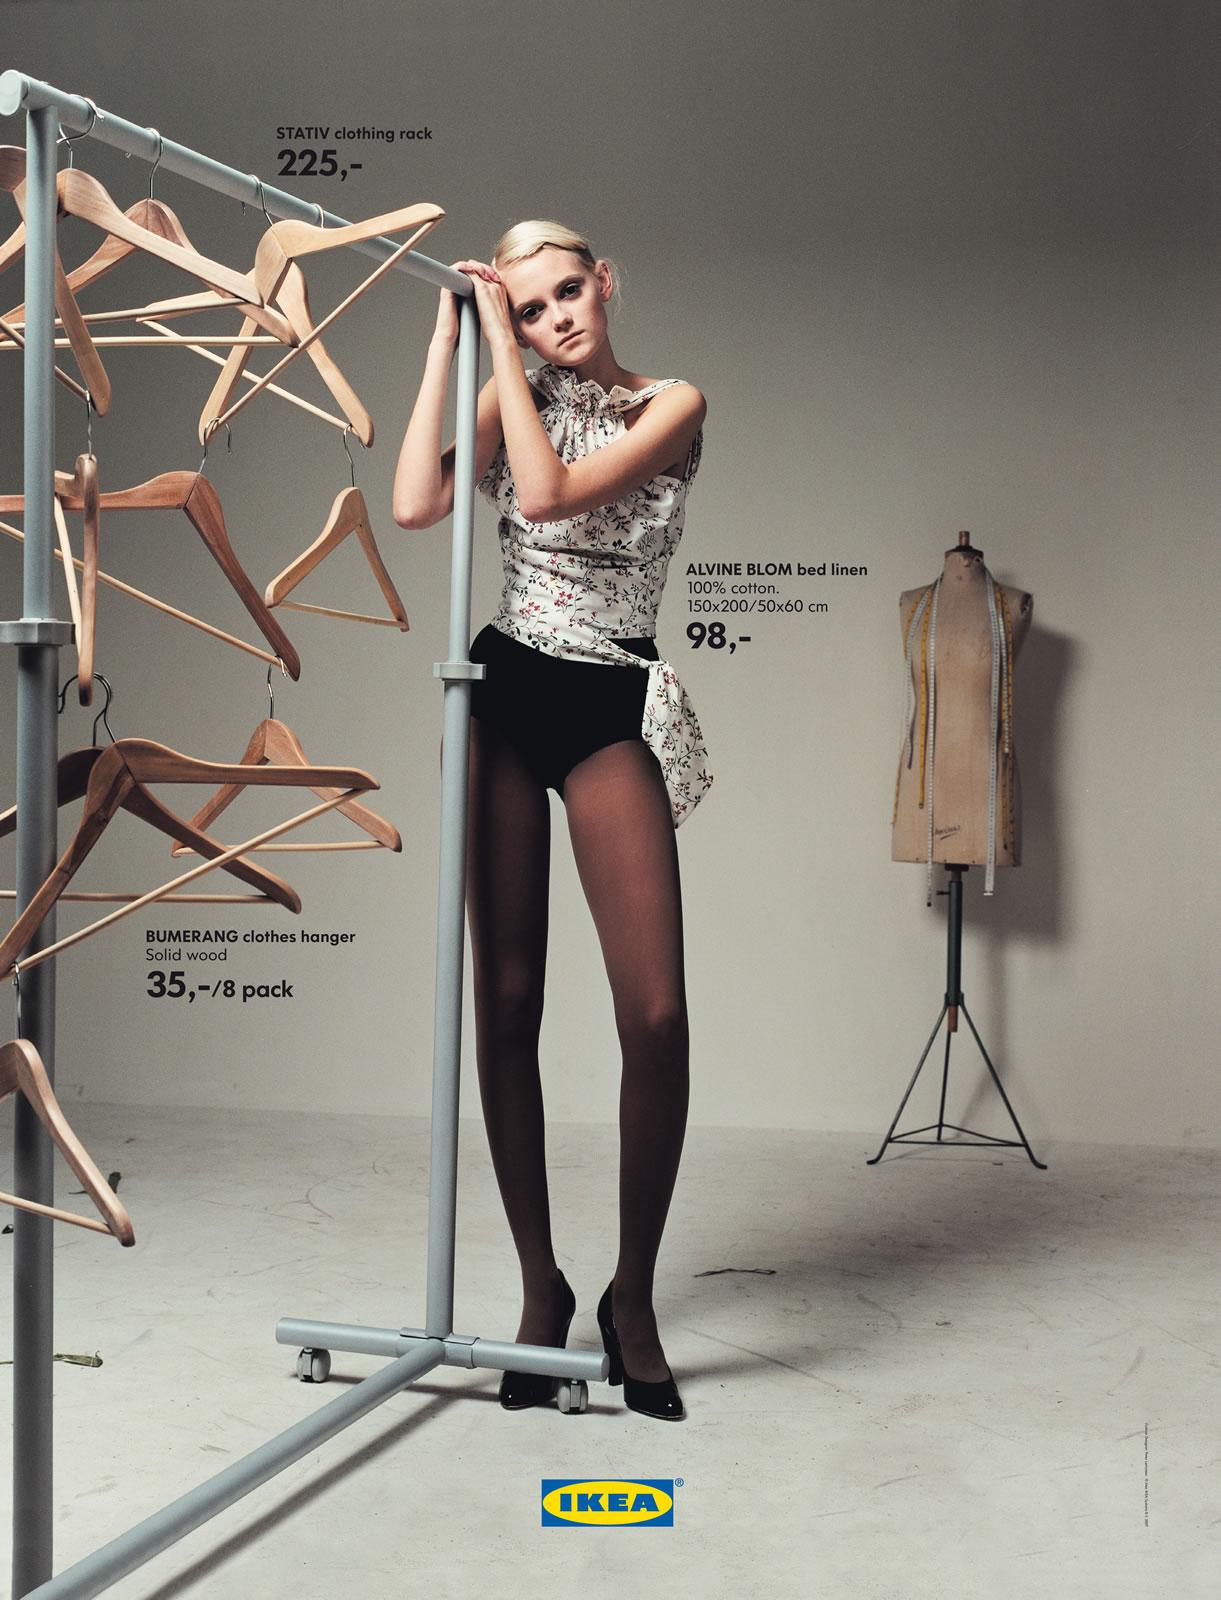 Female Clothing Ads